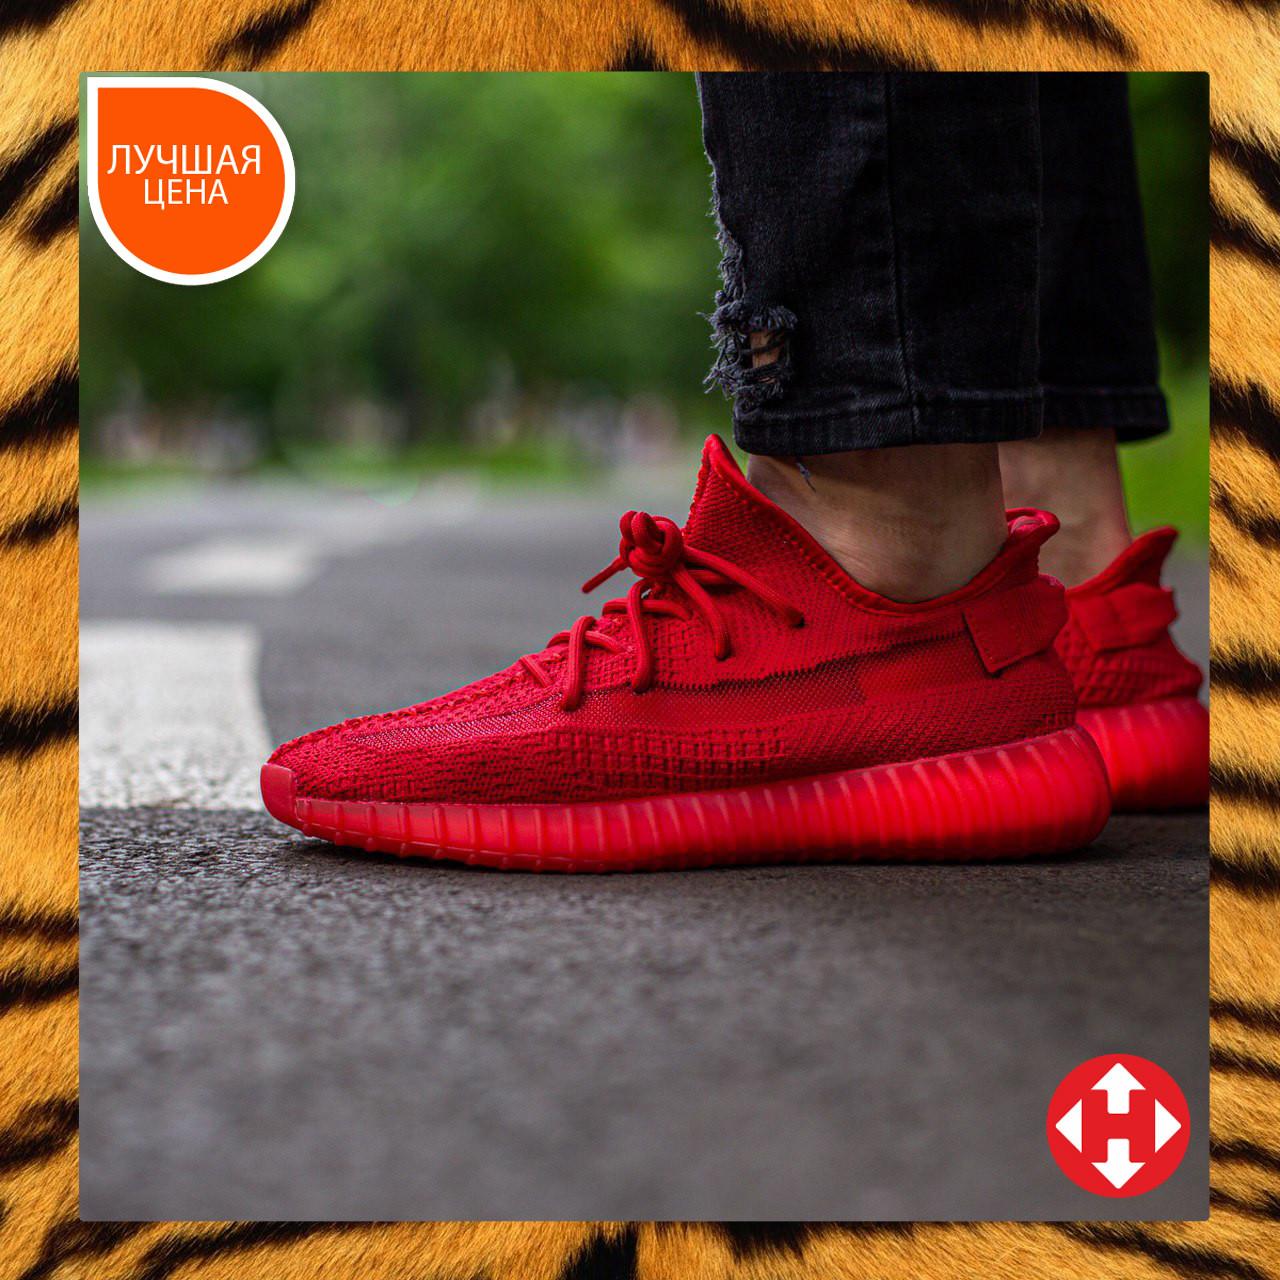 🔥 Кроссовки мужские Adidas Yeezy Boost 350 адидас изи буст красные повседневные спортивные легкие